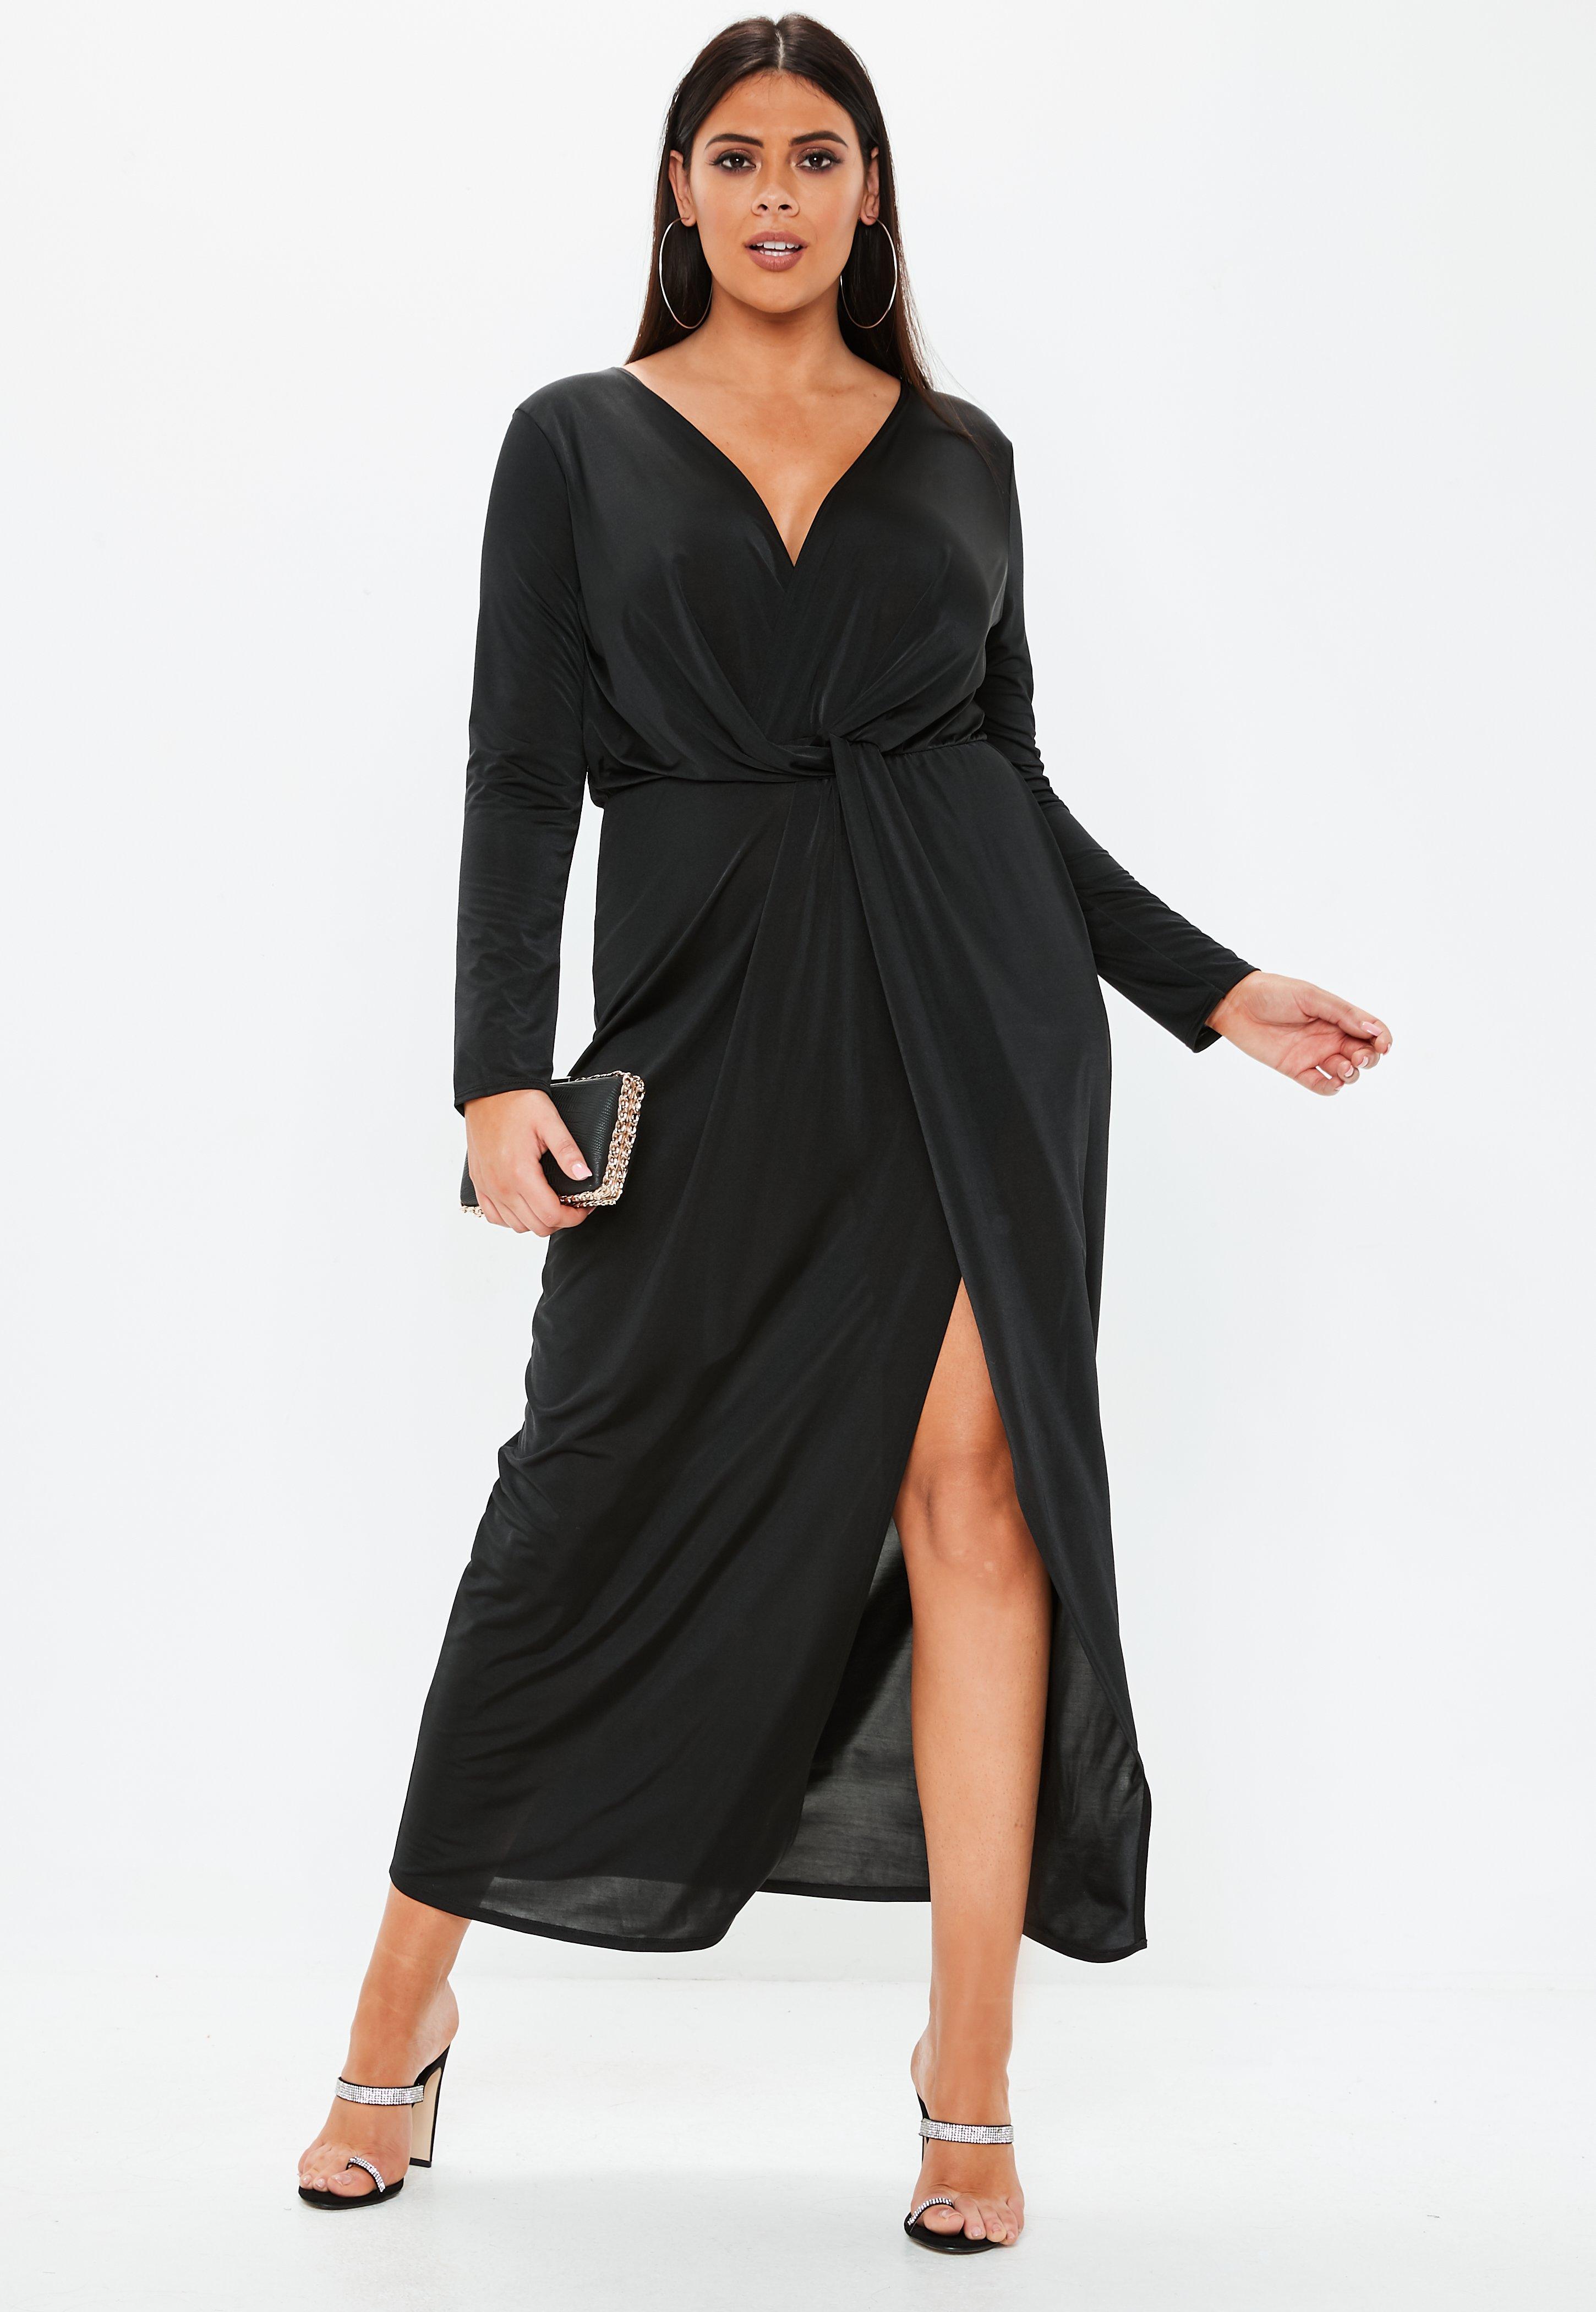 Plus Plus Missguided Dresses Party Size Plus Party Size Dresses Missguided Size EY4qvnZH